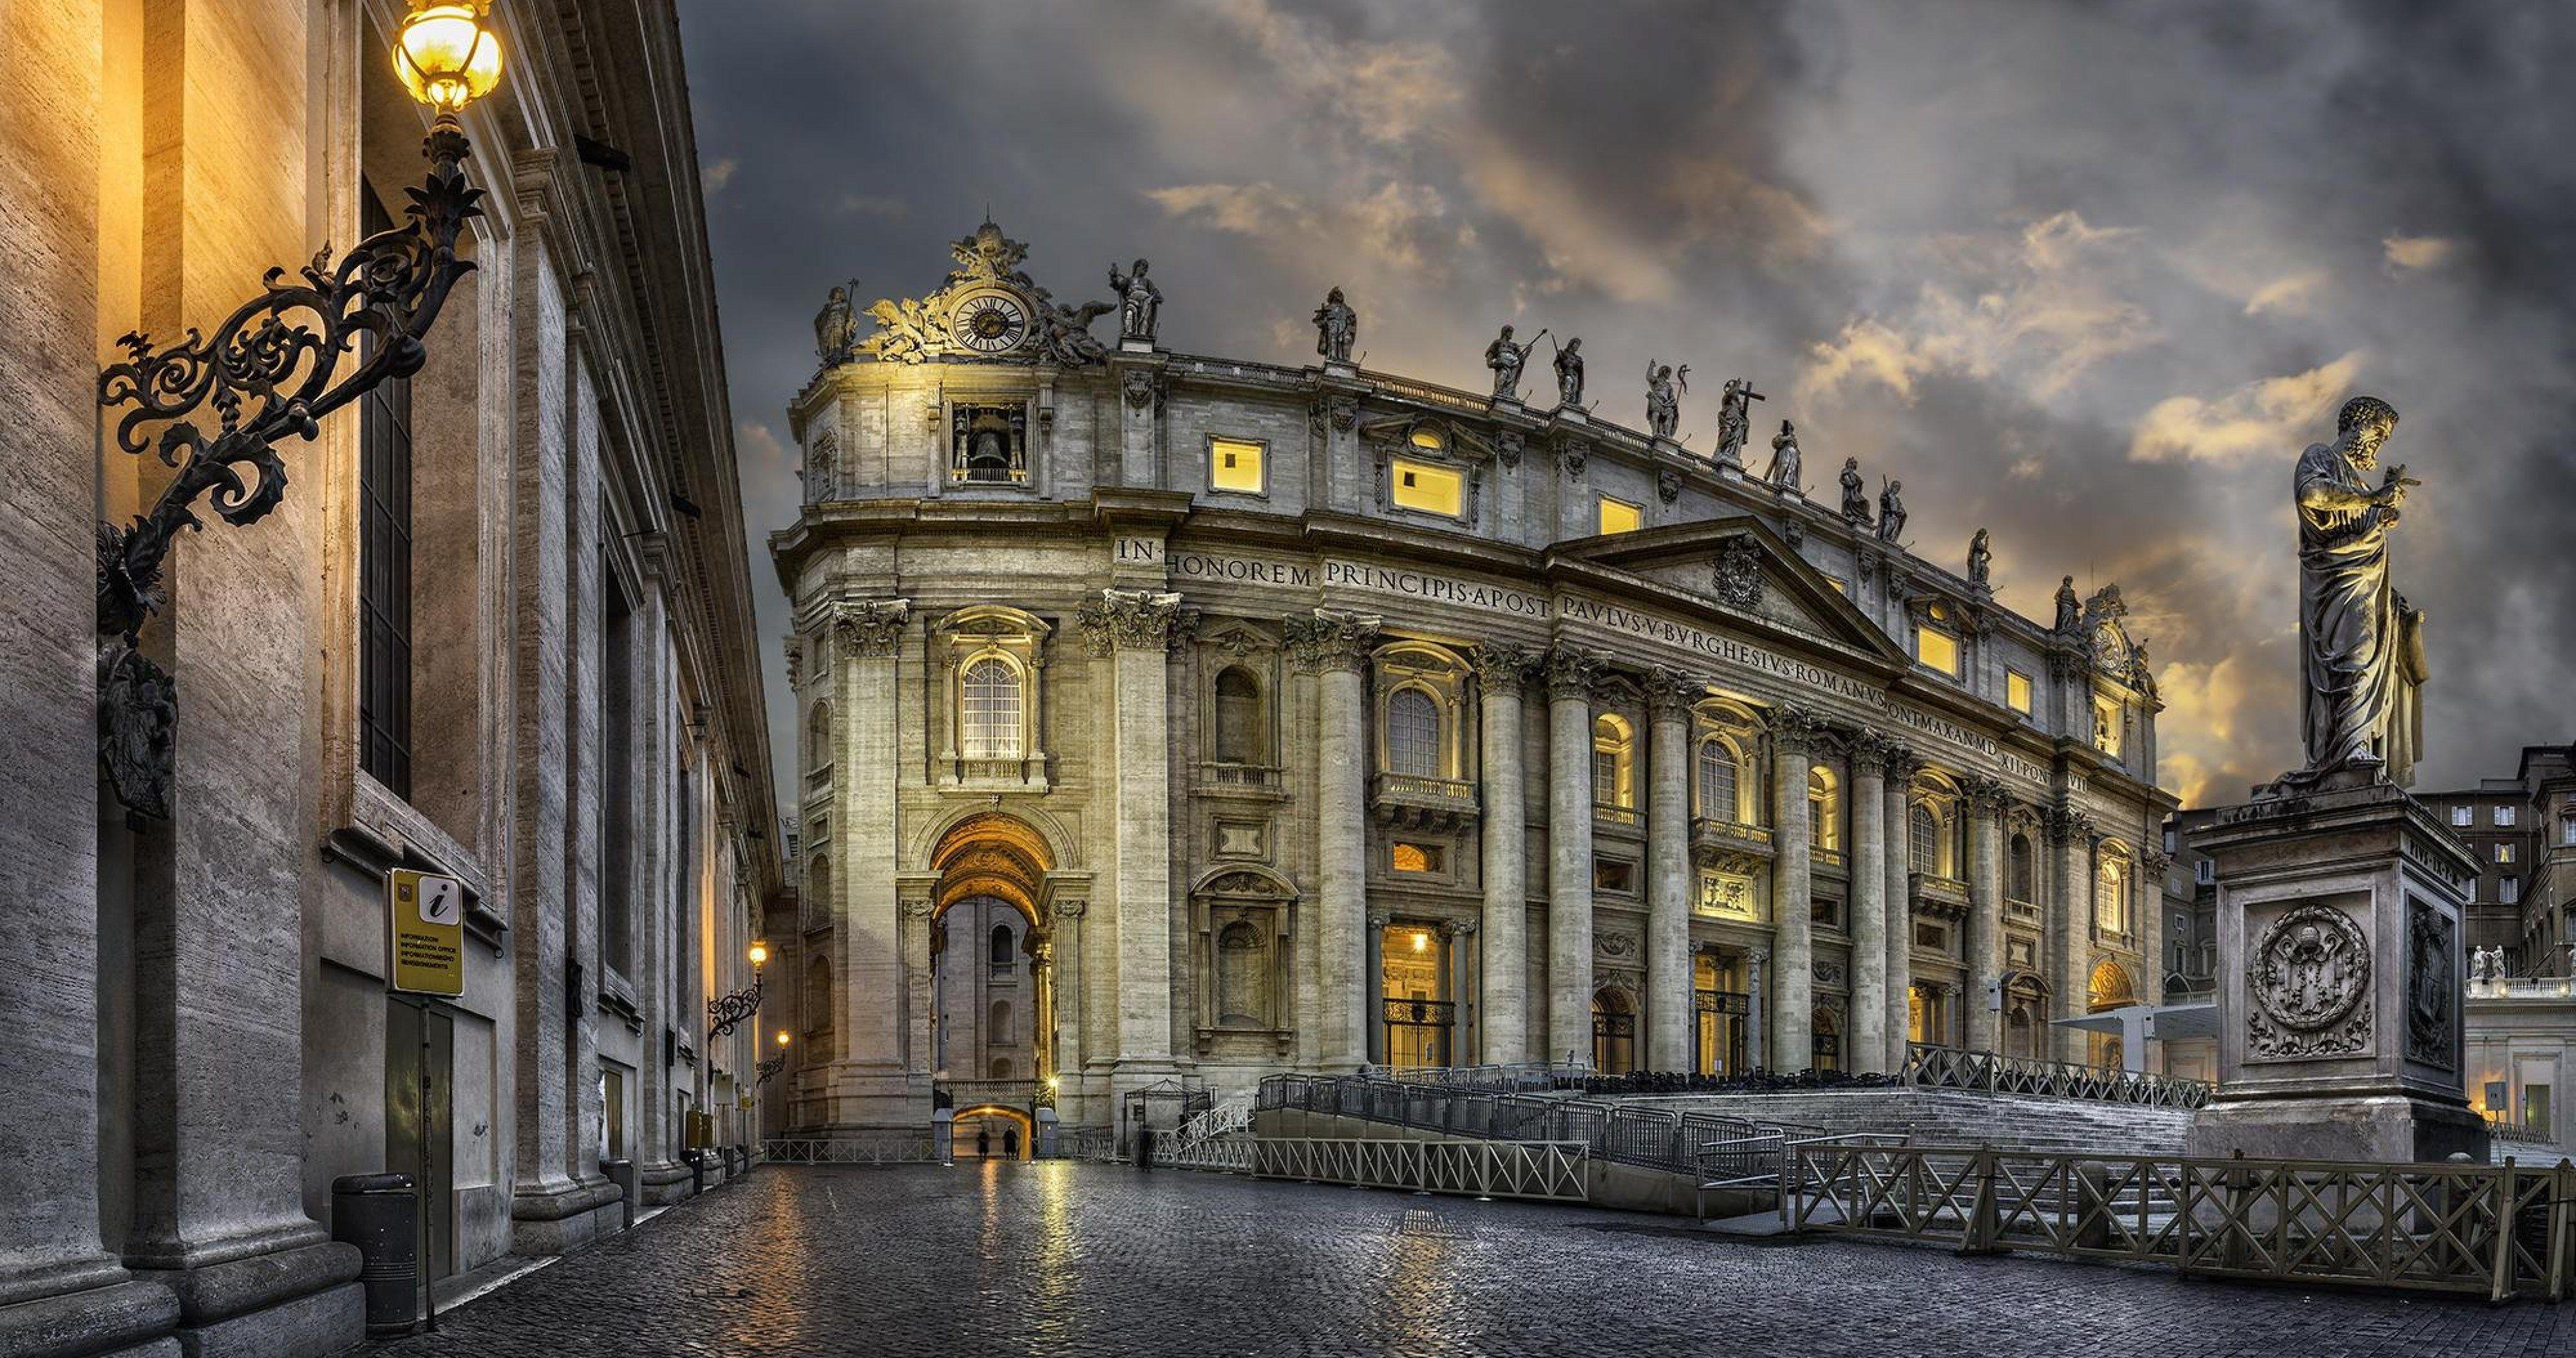 Vatican City Basilica De San Pedro 4k Ultra Hd Wallpaper